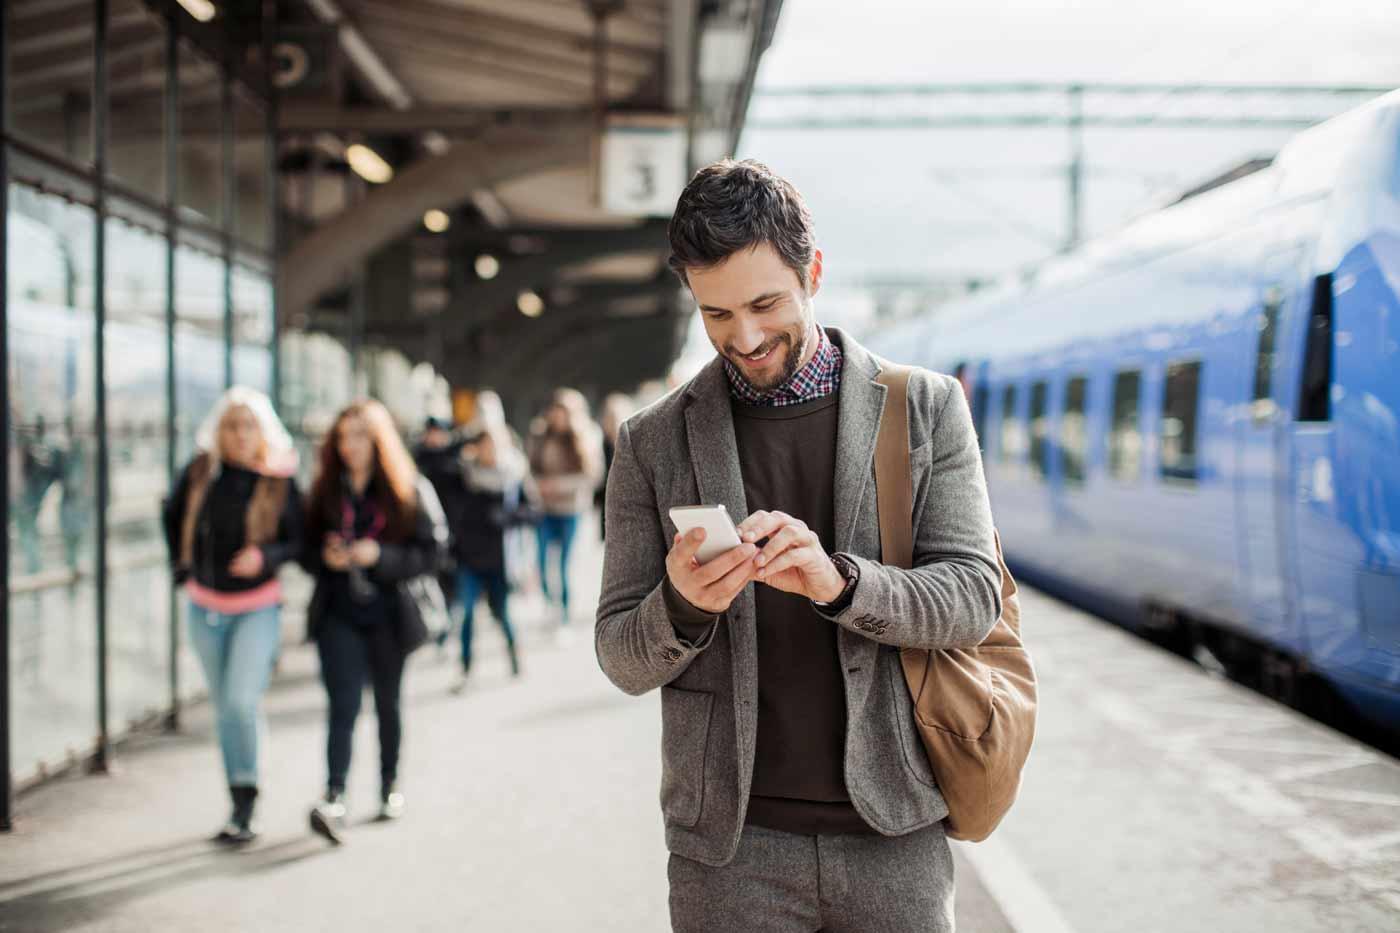 Geschäftsmann auf Reise besucht mit dem Smartphone eine Webseite